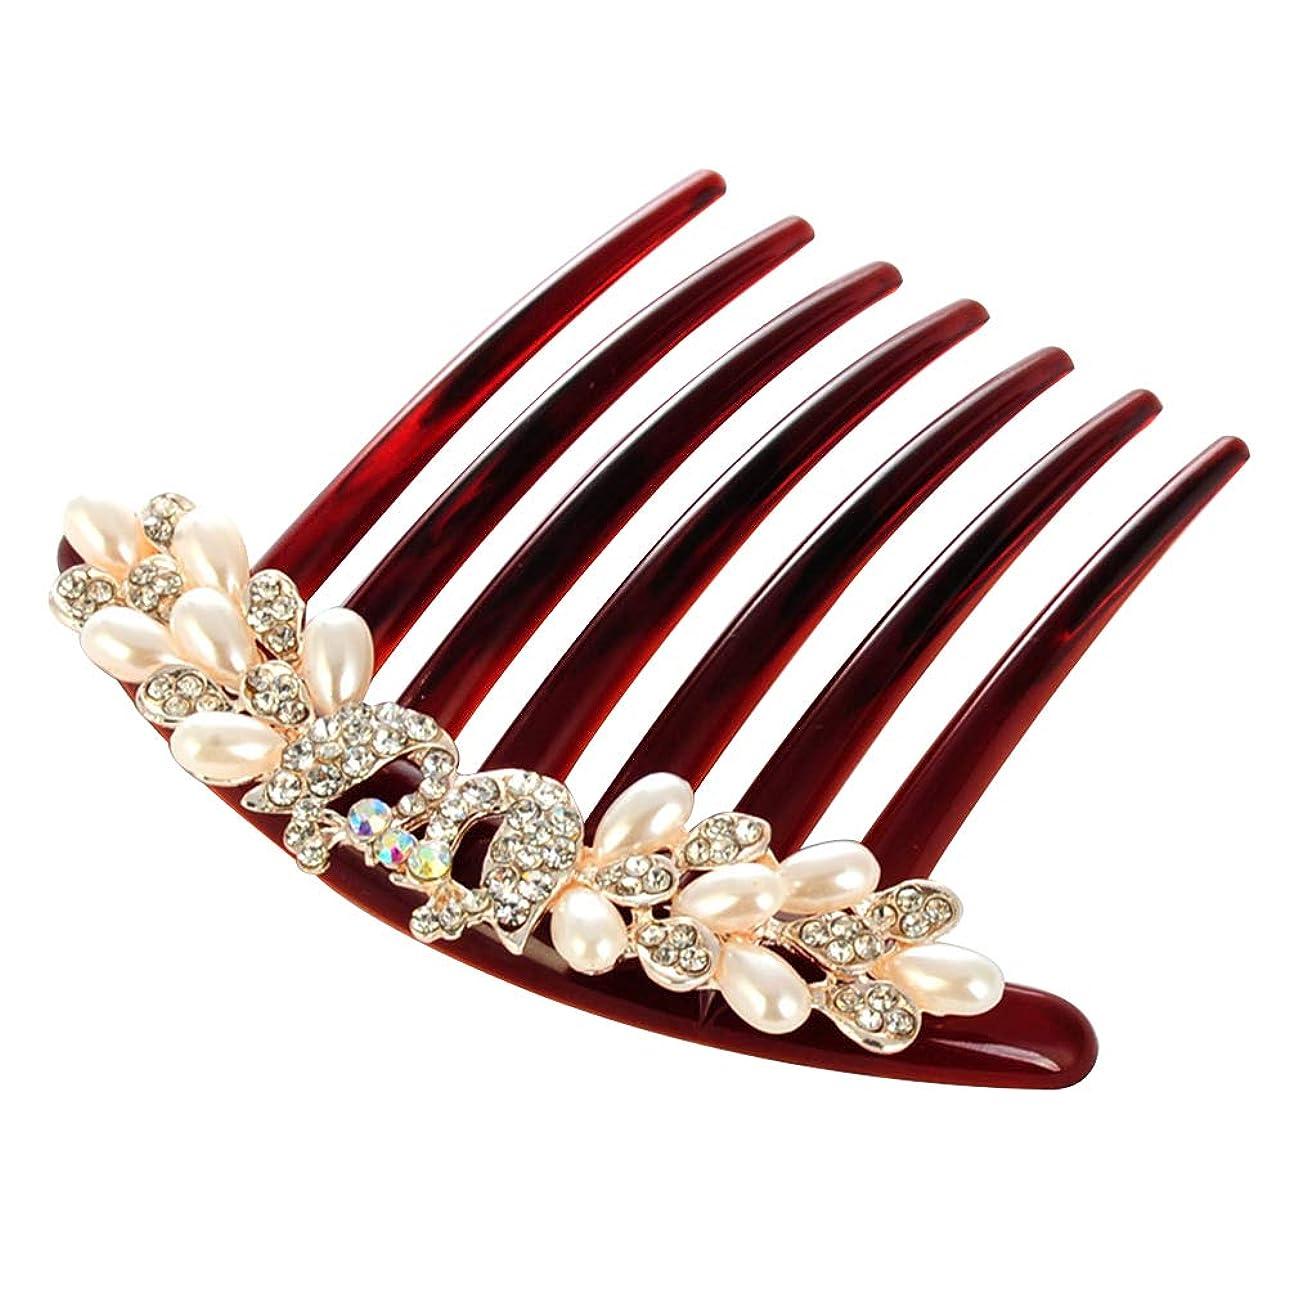 賛辞近傍緑LURROSE 模造真珠の髪の櫛のクリスタルヘッドドレス繊細なラインストーンの花嫁の髪飾り(孔雀)